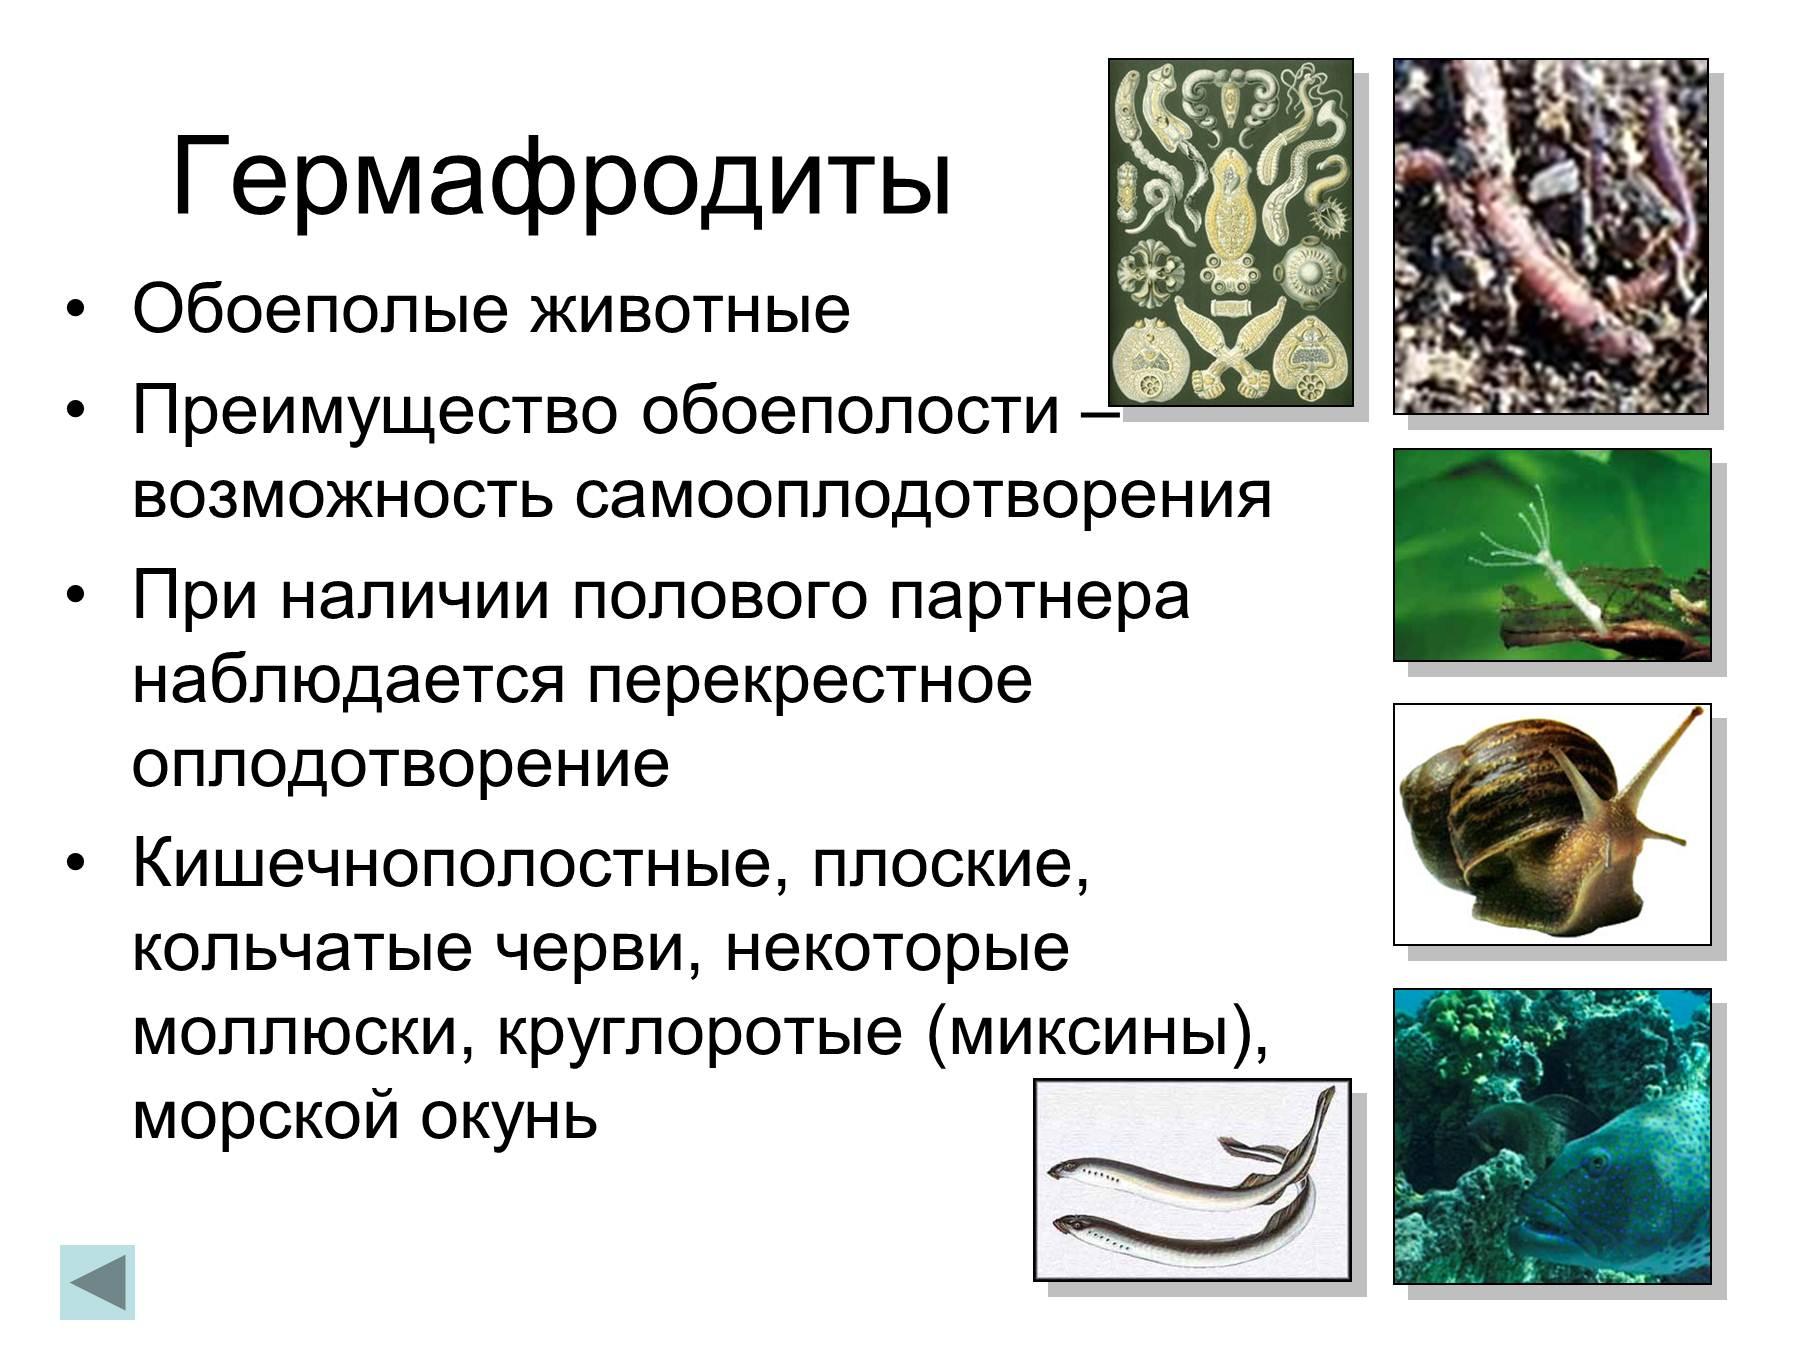 Сейчас, дождевой червь гермафродит или нет